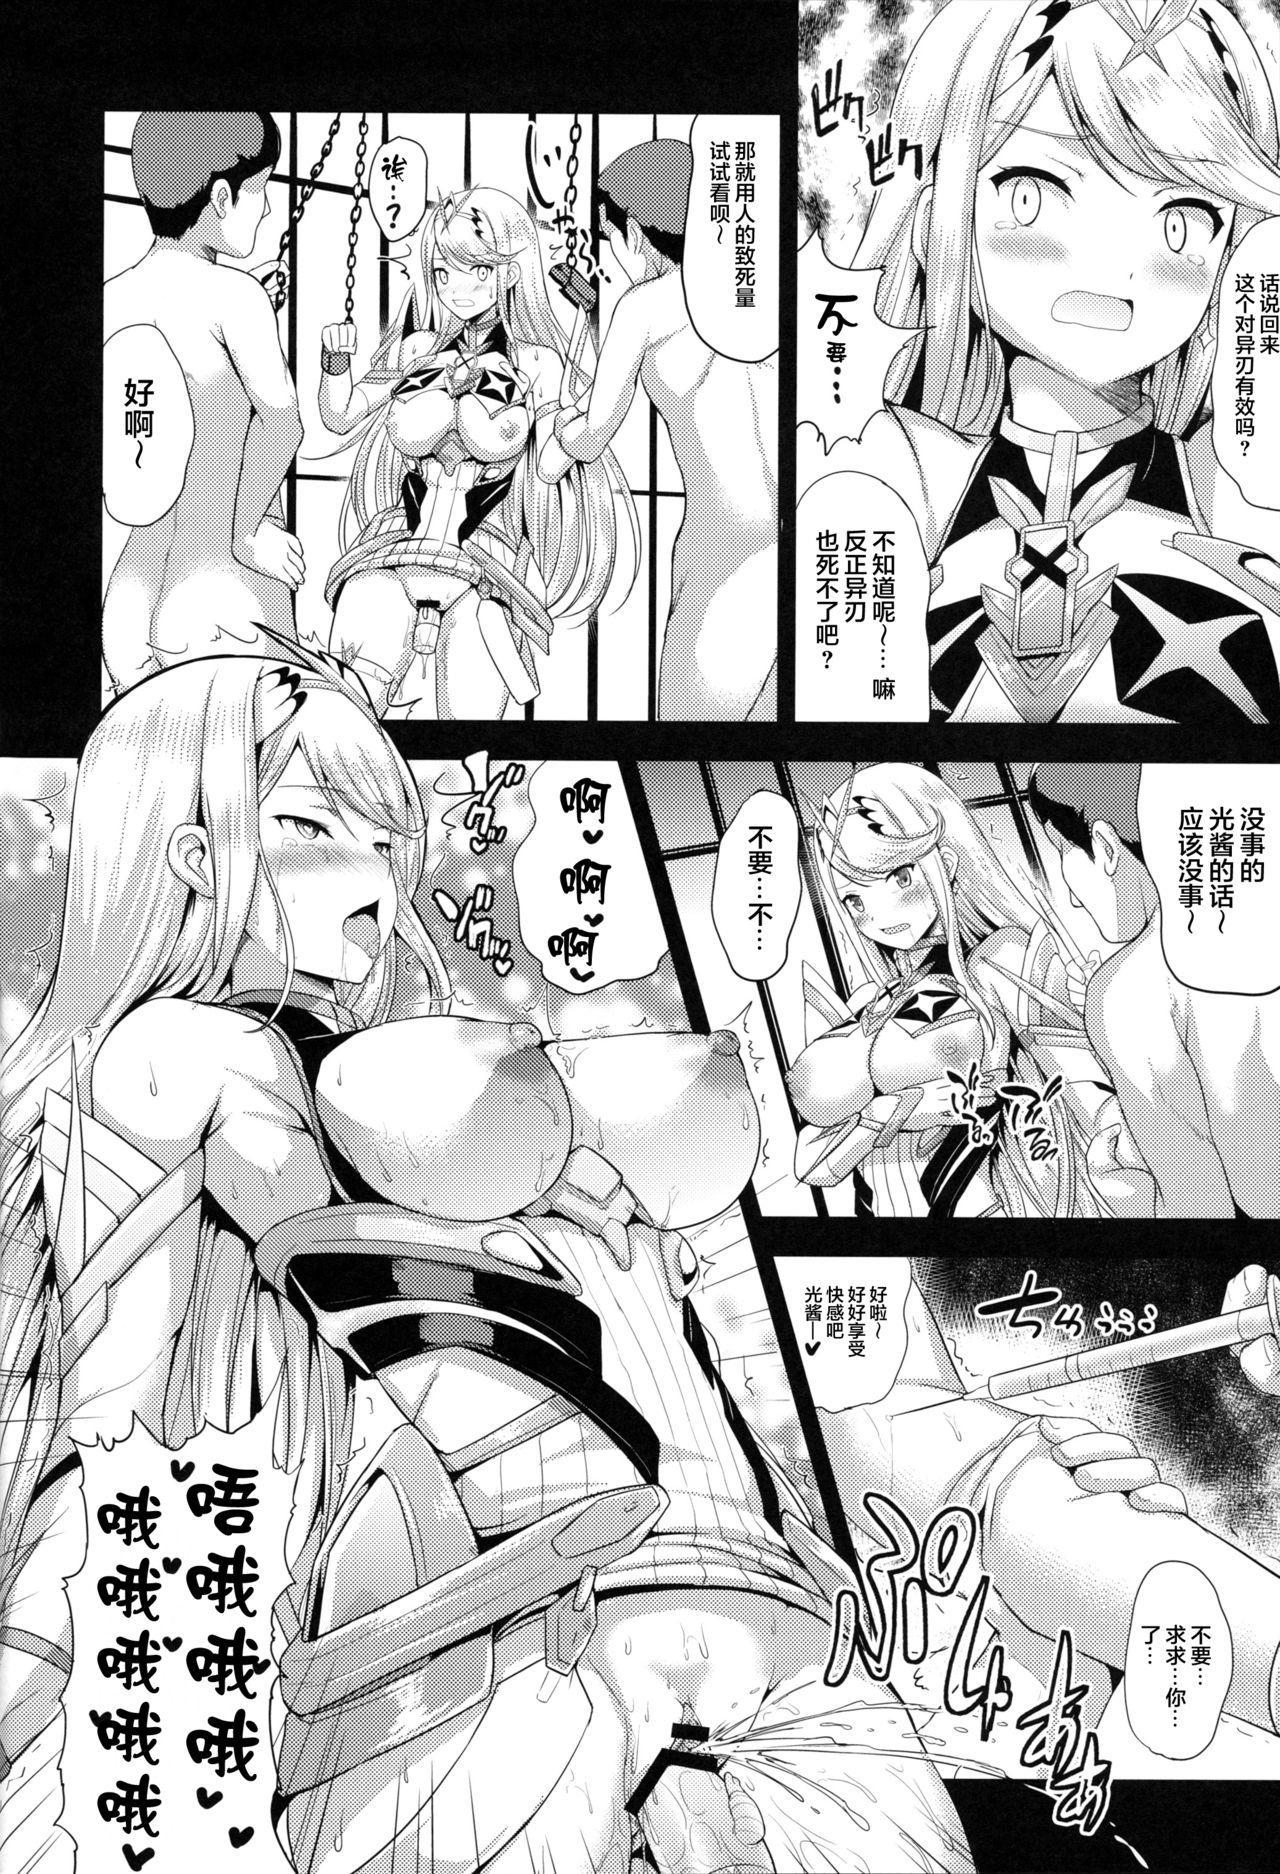 Hikari x Rape 17